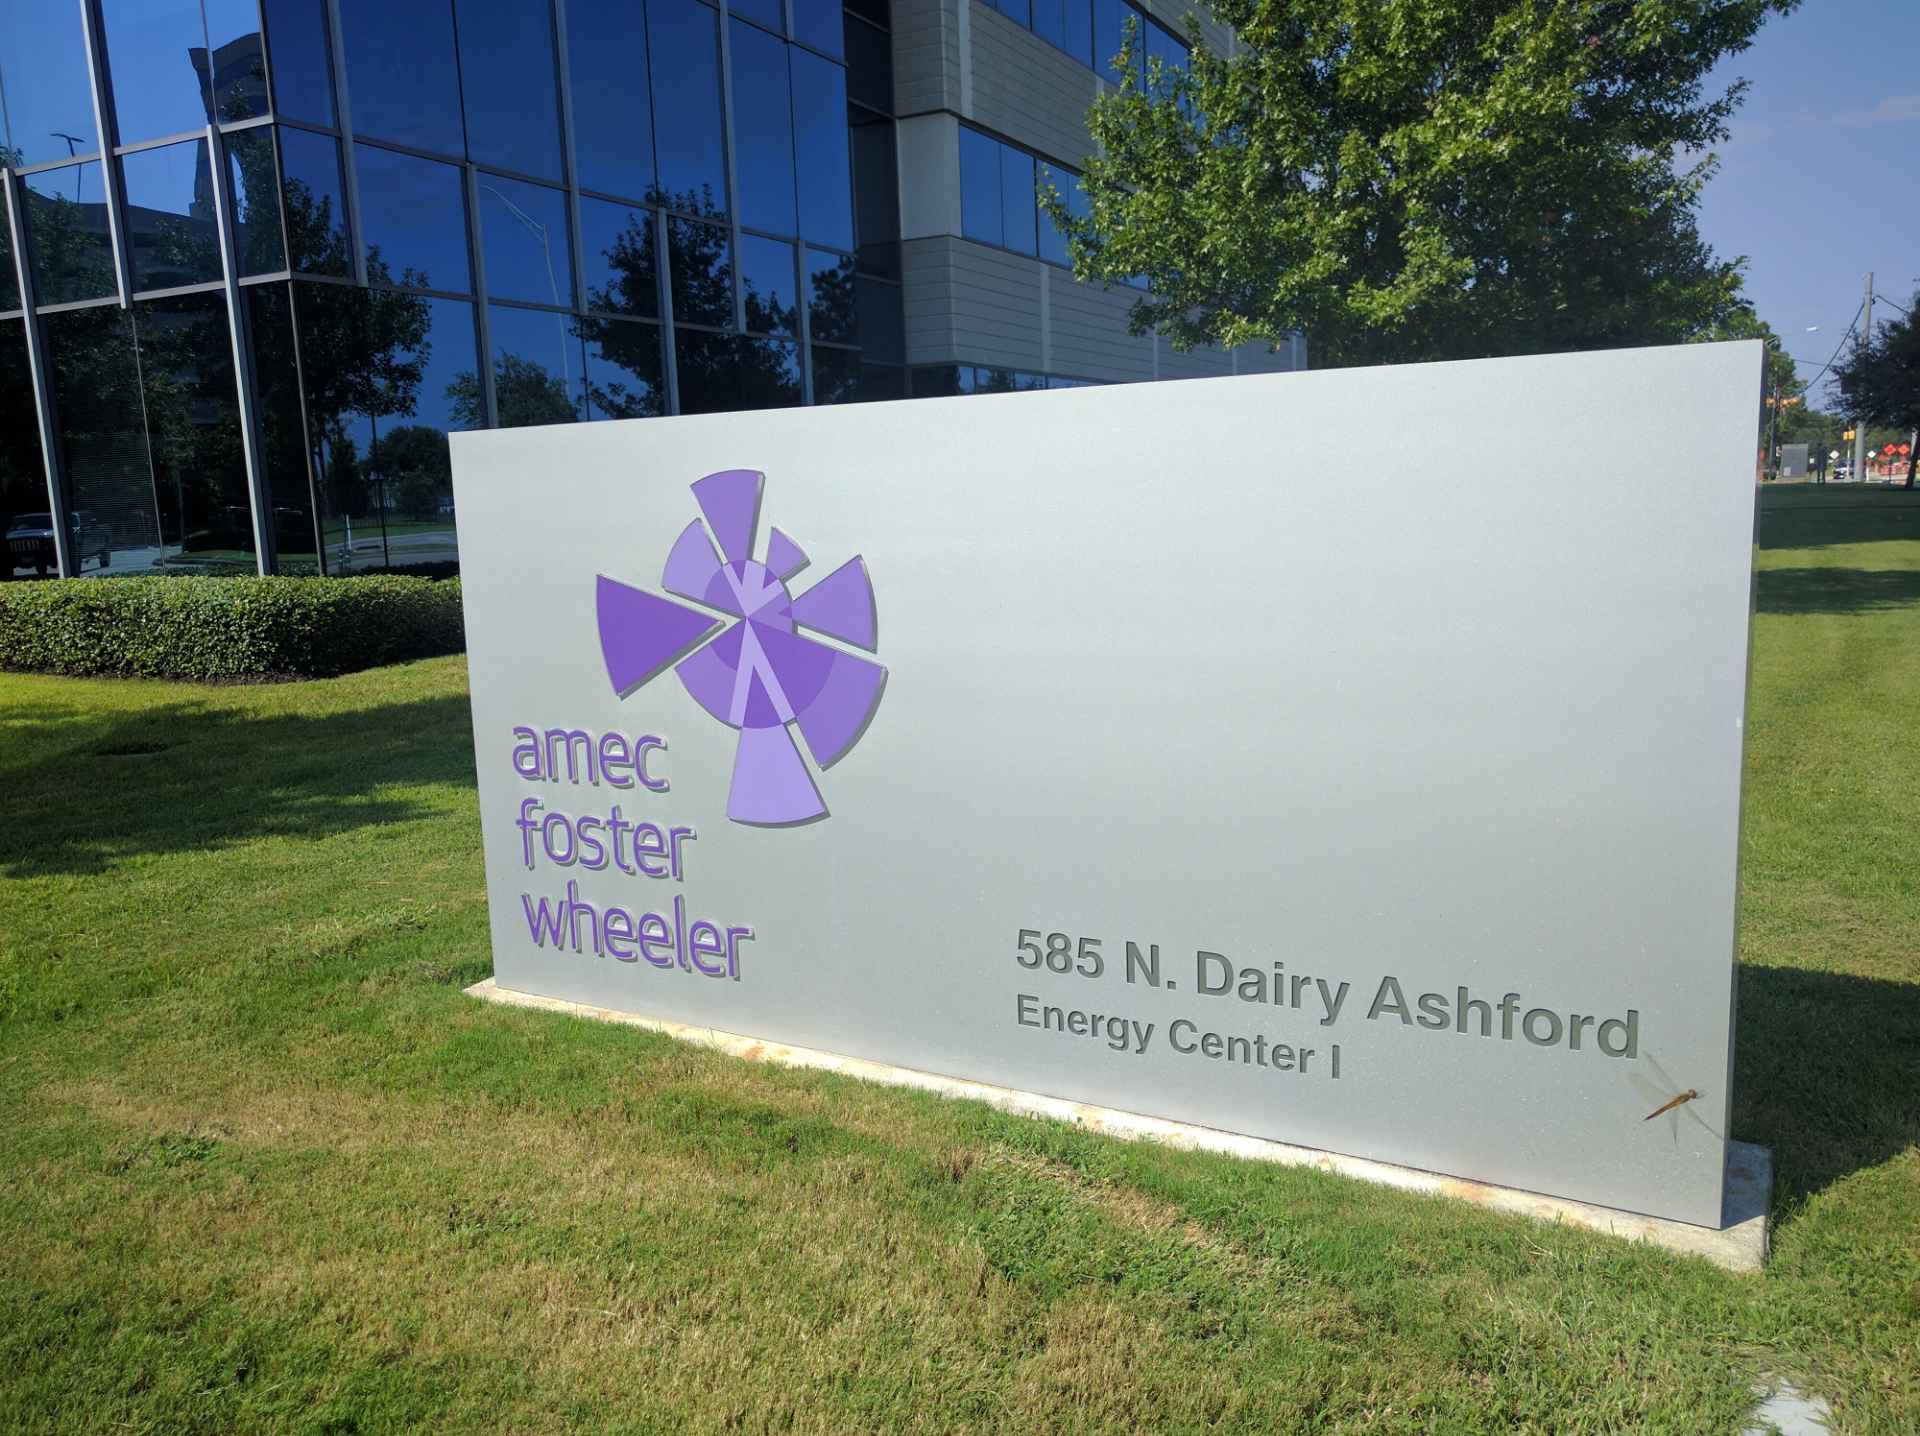 Amec Foster Wheeler plc